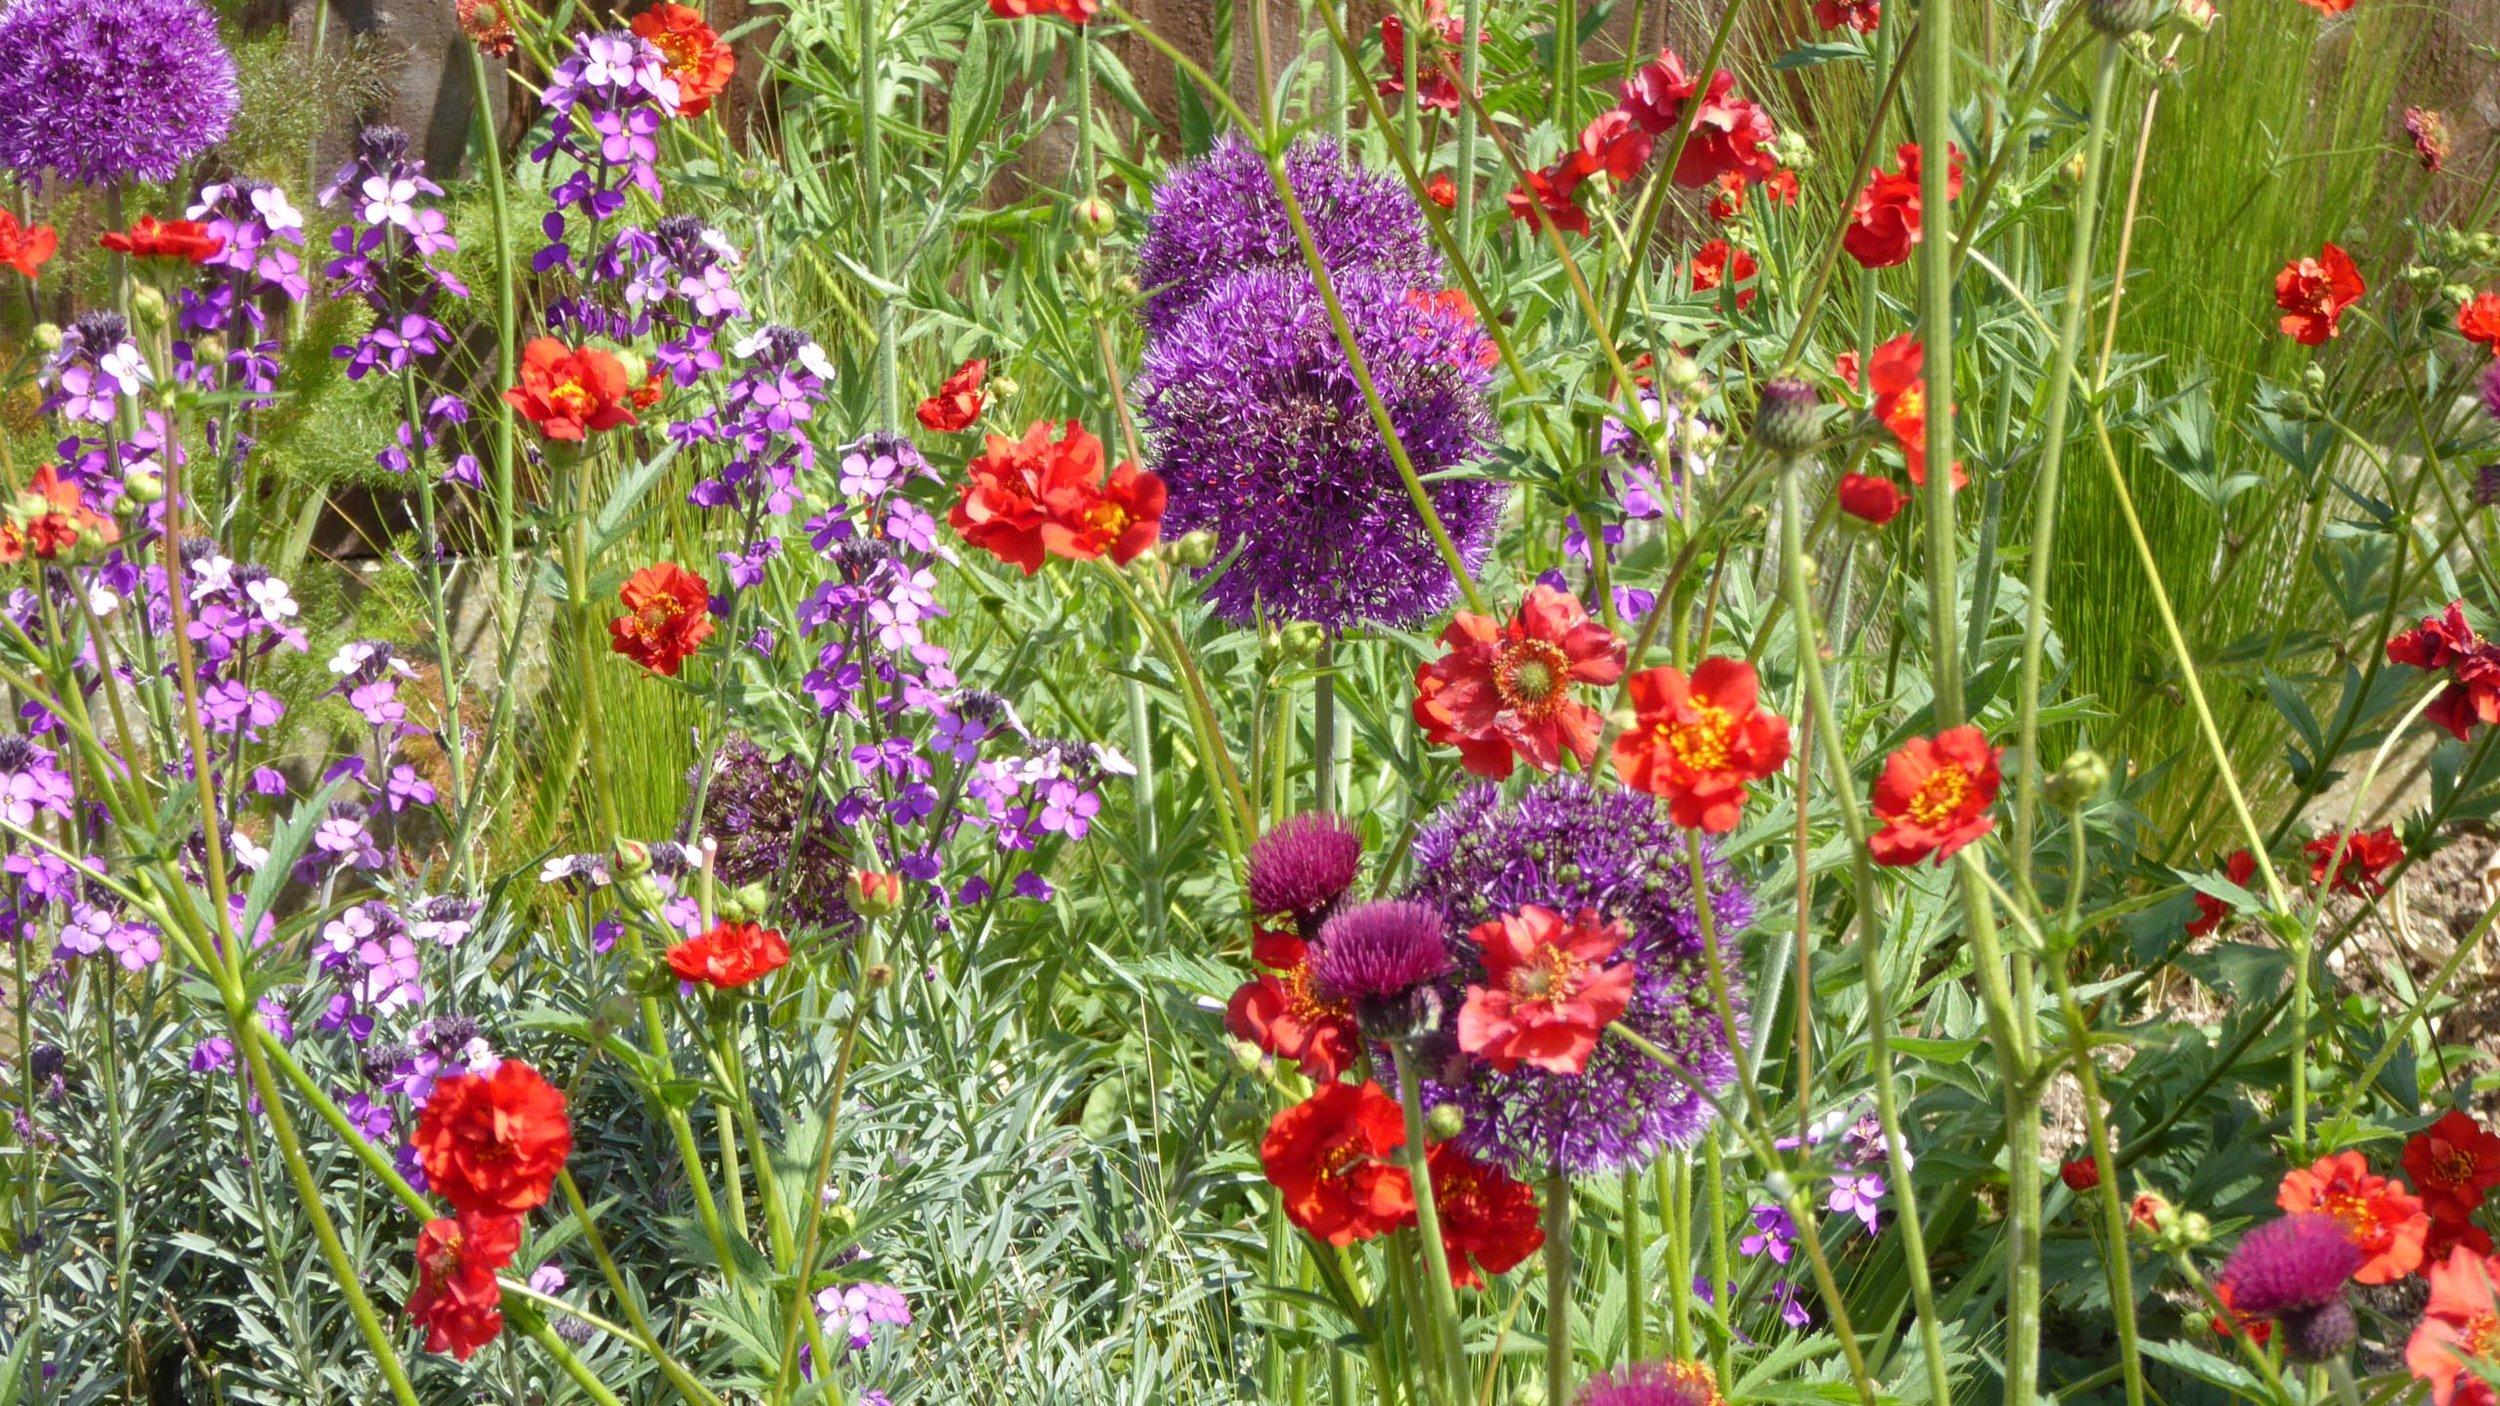 Cheshire Garden Design: Interlocking Curves and Acer (Front Garden) Perennials